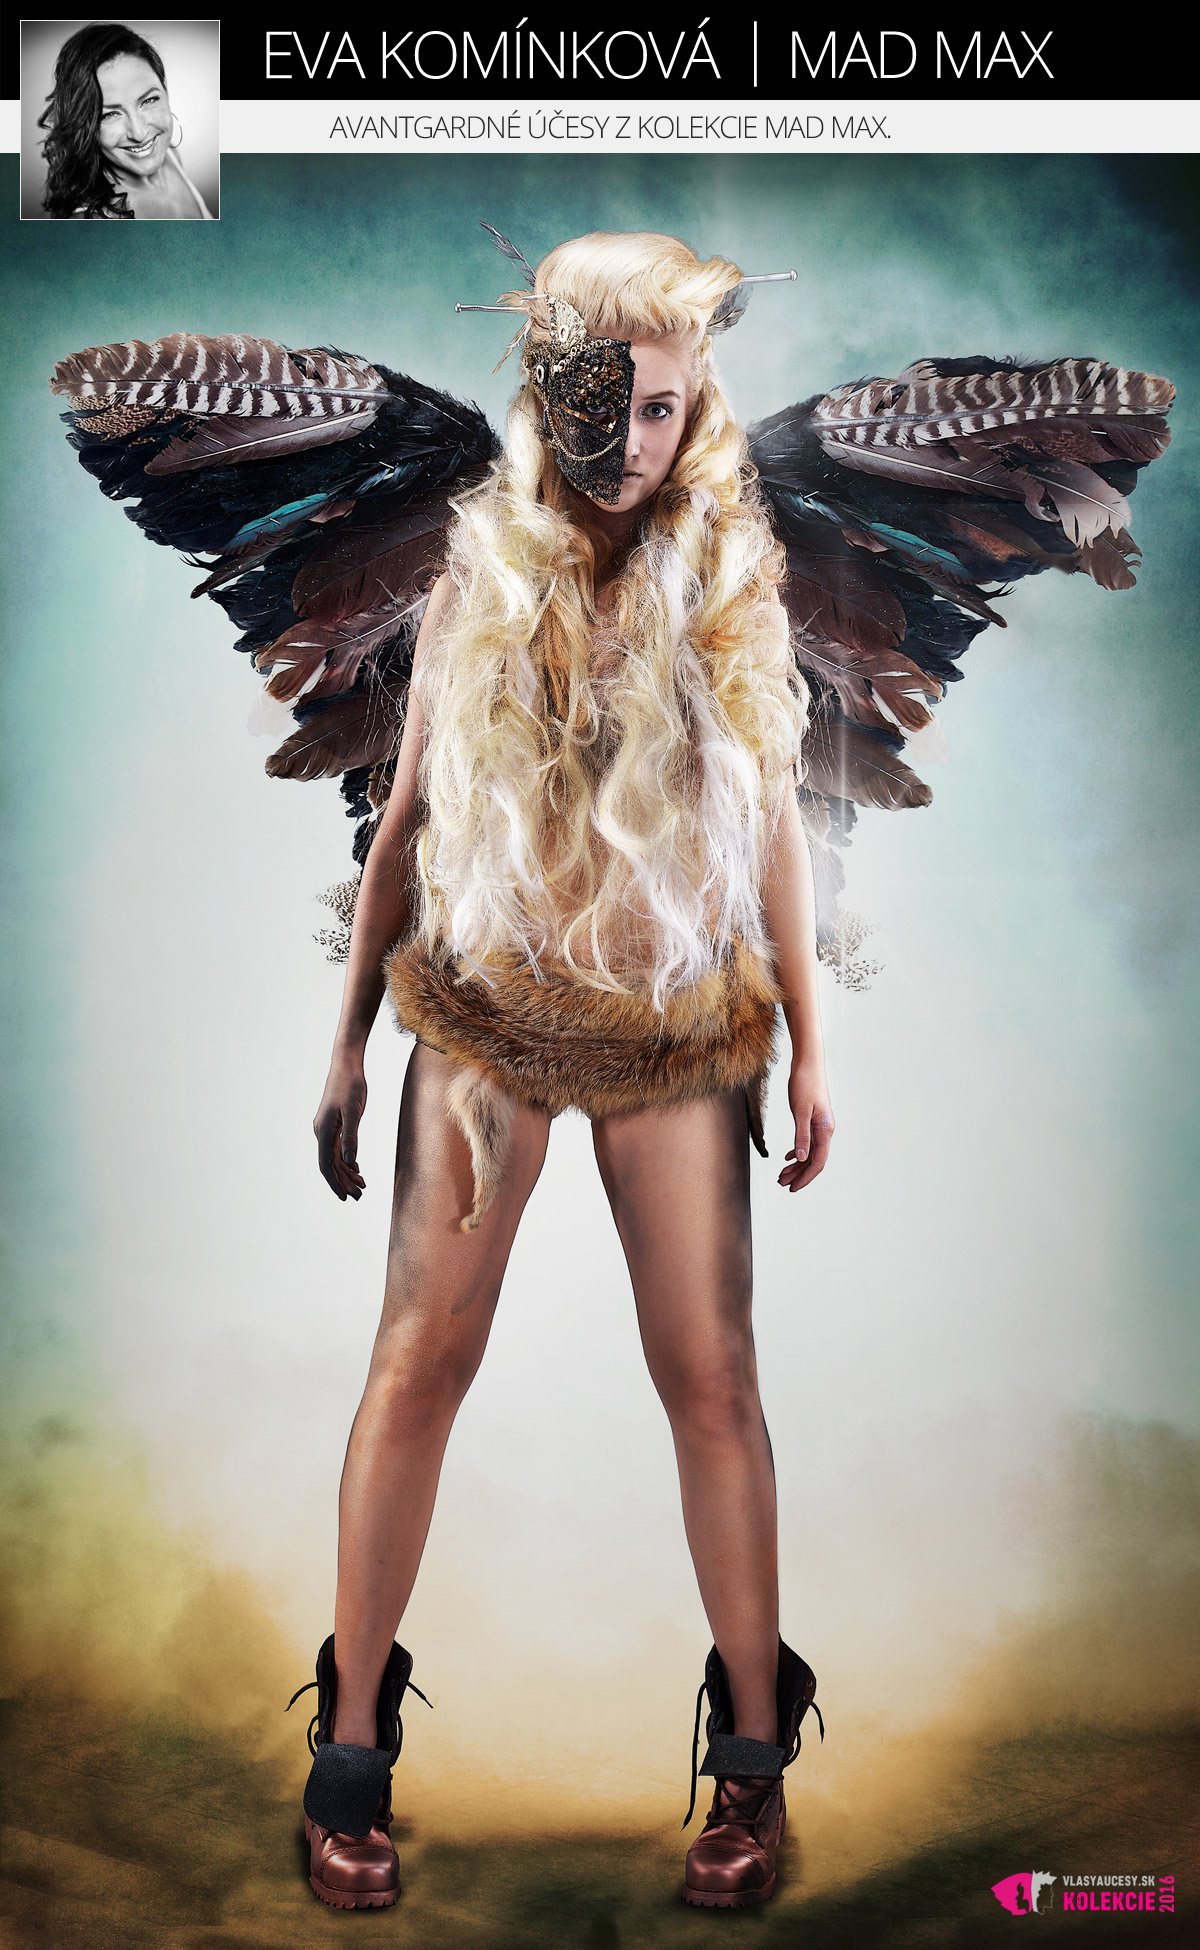 Avantgardné účesy Evy Komínkovej z kolekcie Mad Max.